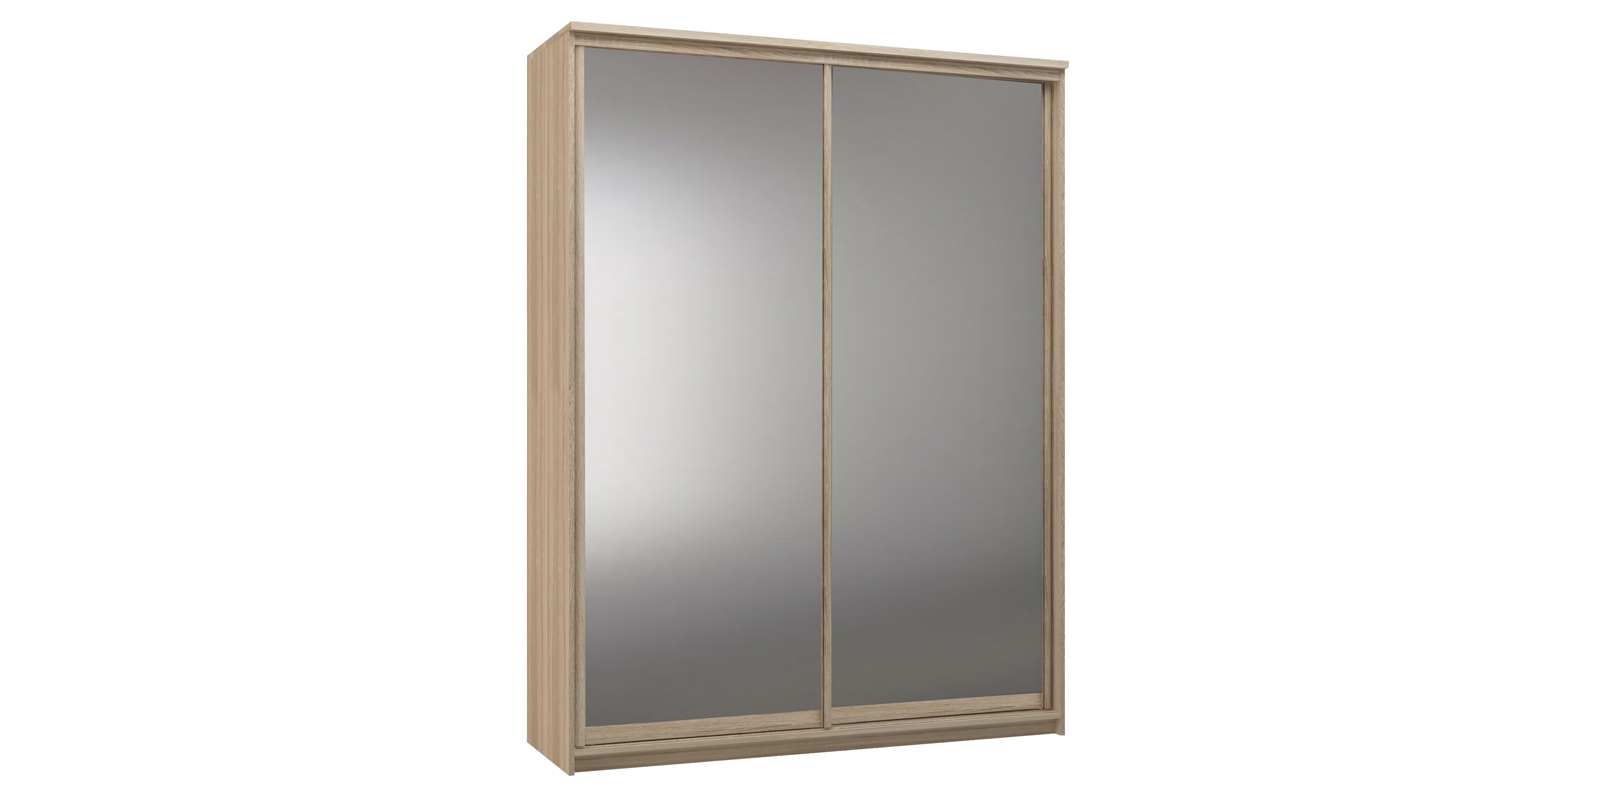 Шкаф-купе двухдверный Верона 180 см (дуб сонома/зеркальный)